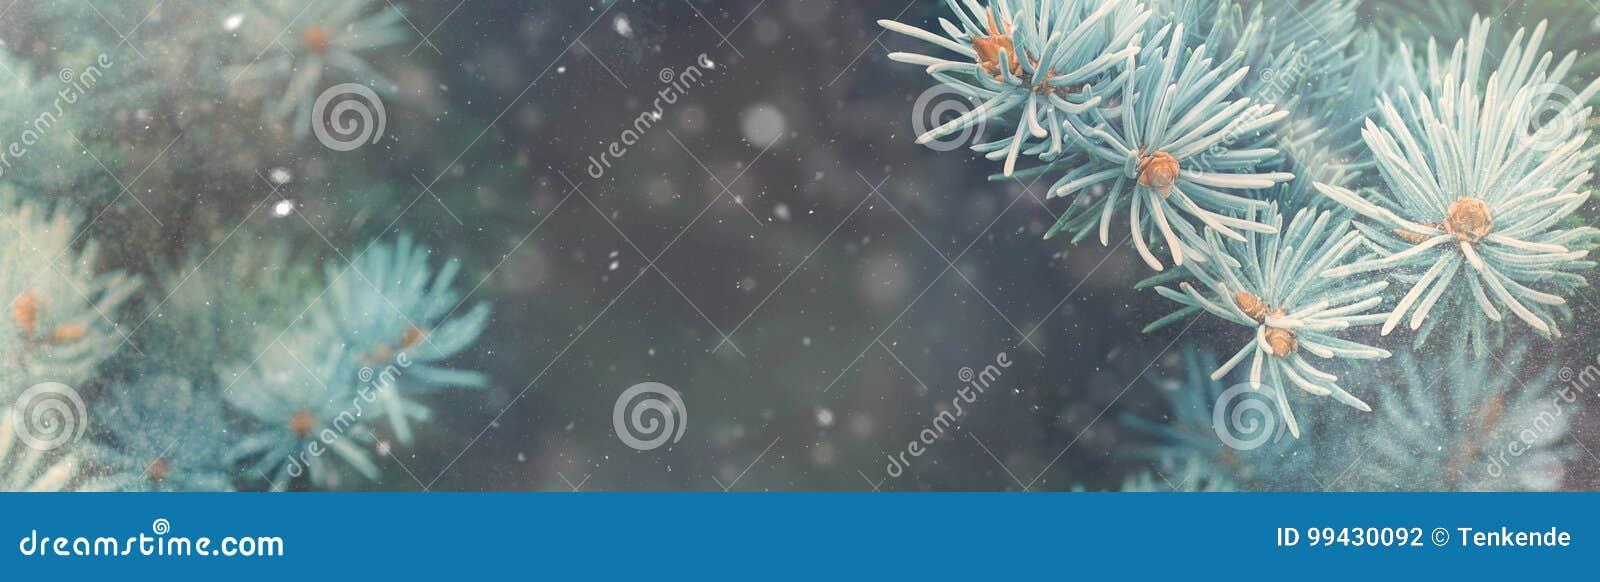 在冬天森林圣诞节自然魔术横幅的雪秋天